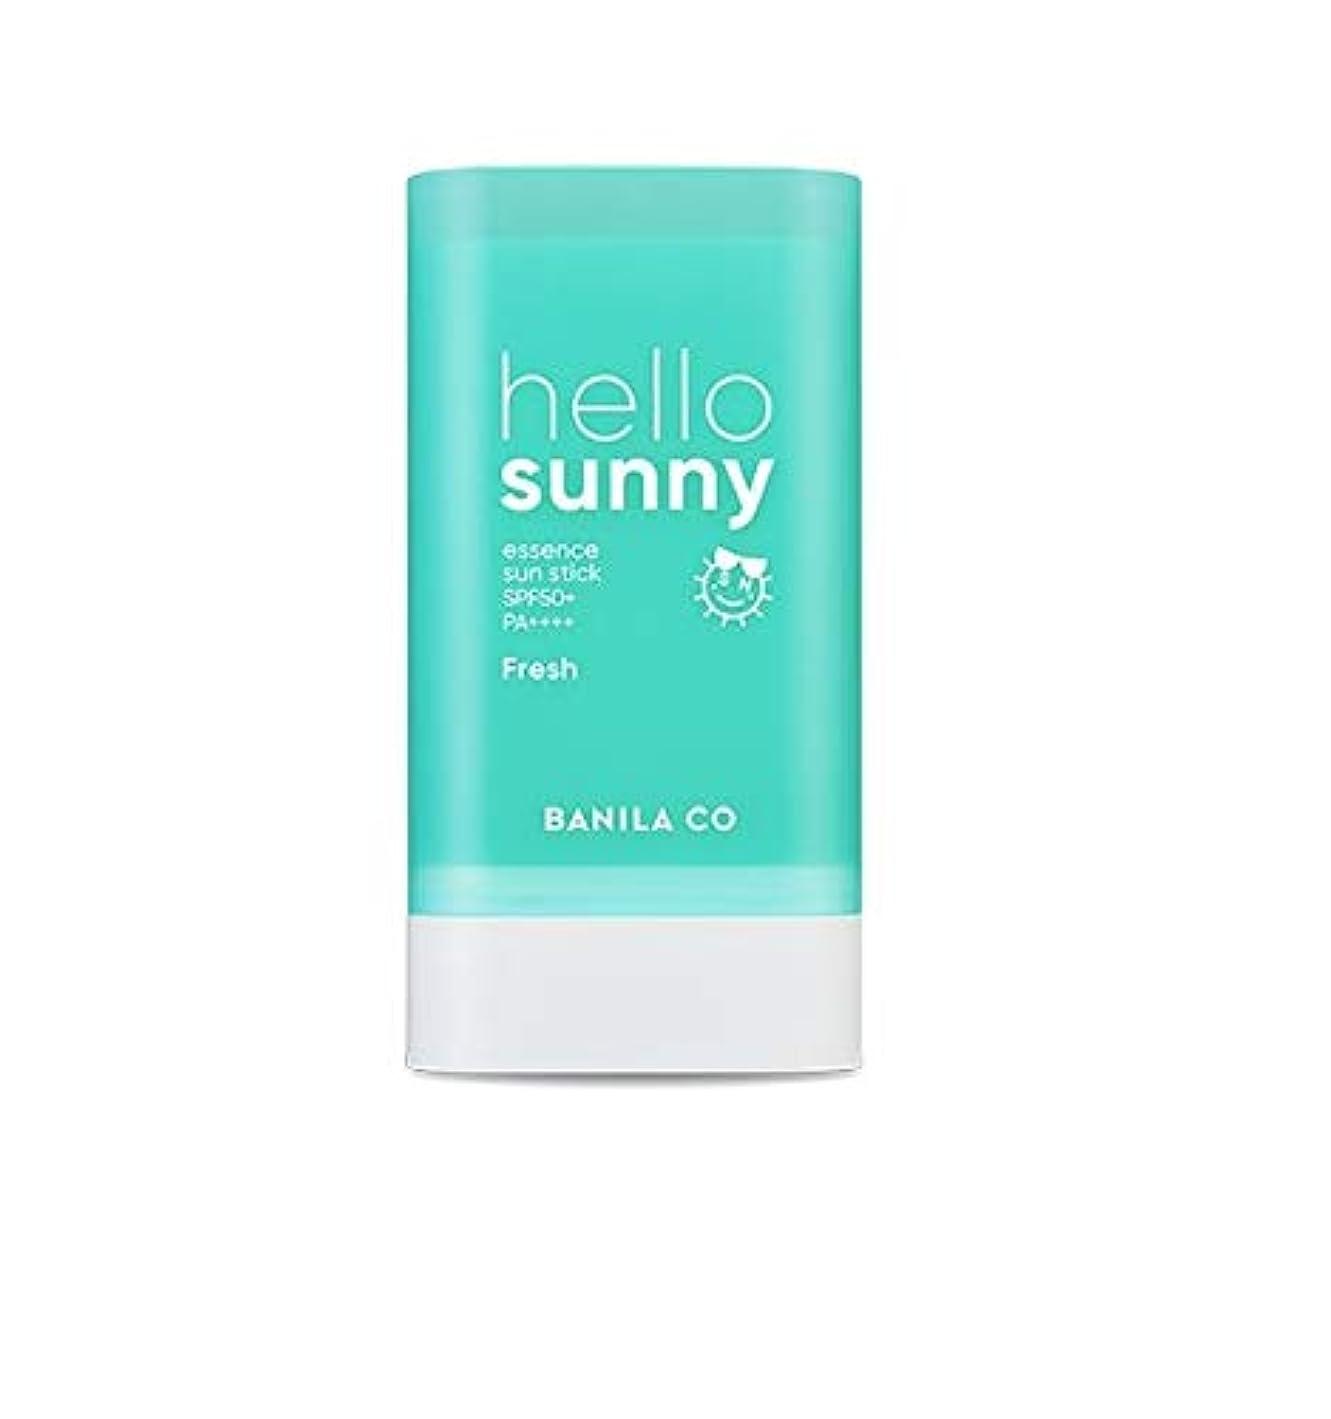 宿題をする規範鷹banilaco ハローサニーエッセンスサンスティックフレッシュ/Hello Sunny Essence SunStick Fresh 18.5g [並行輸入品]